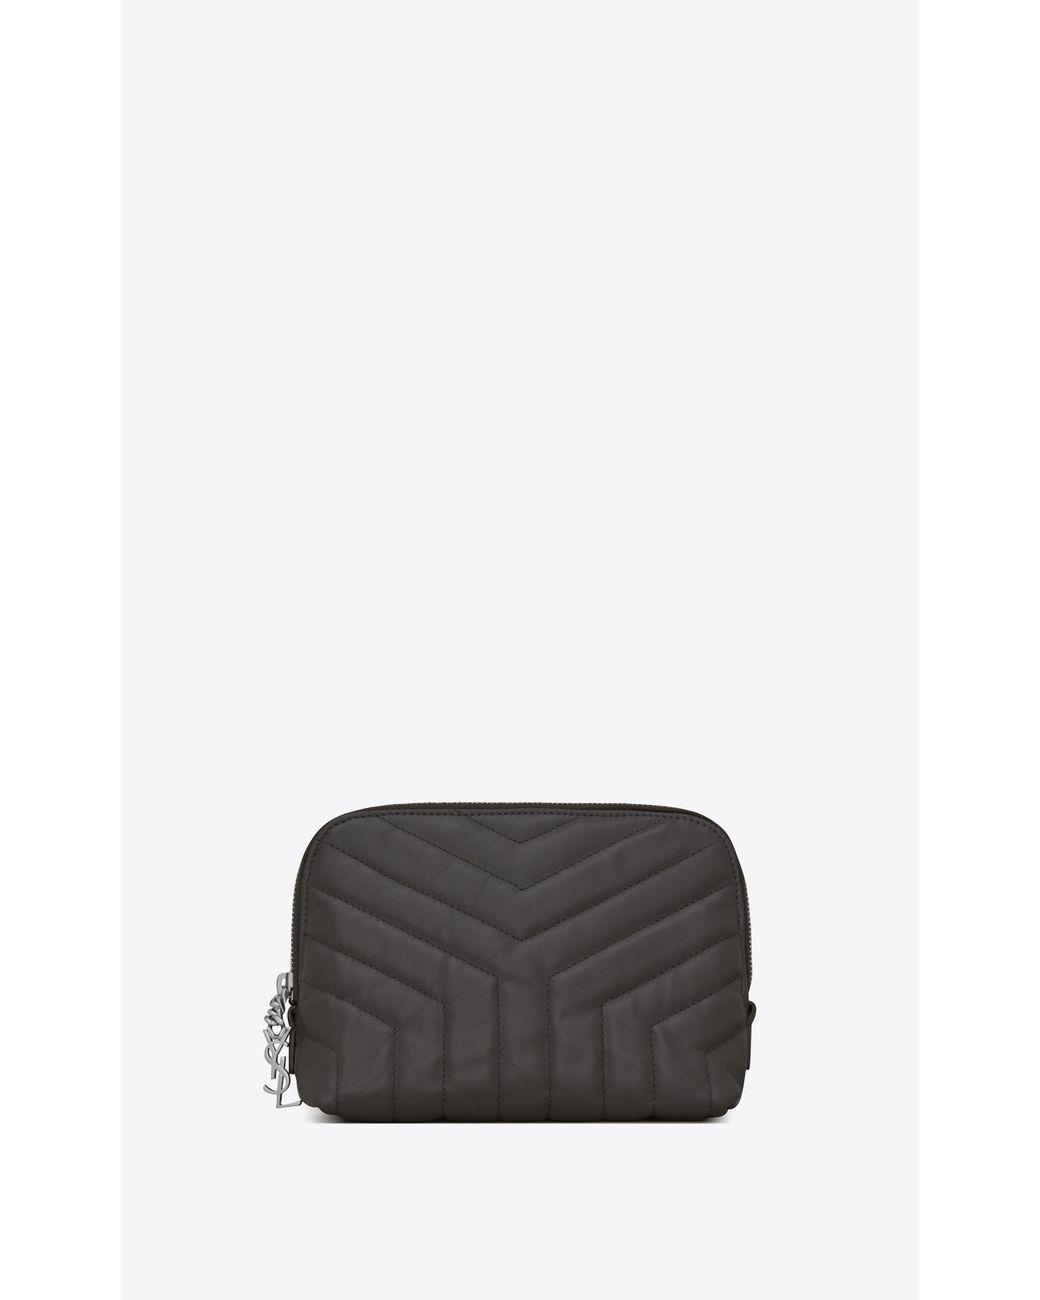 259b437d146 Lyst - Saint Laurent Loulou Makeup Bag in Gray